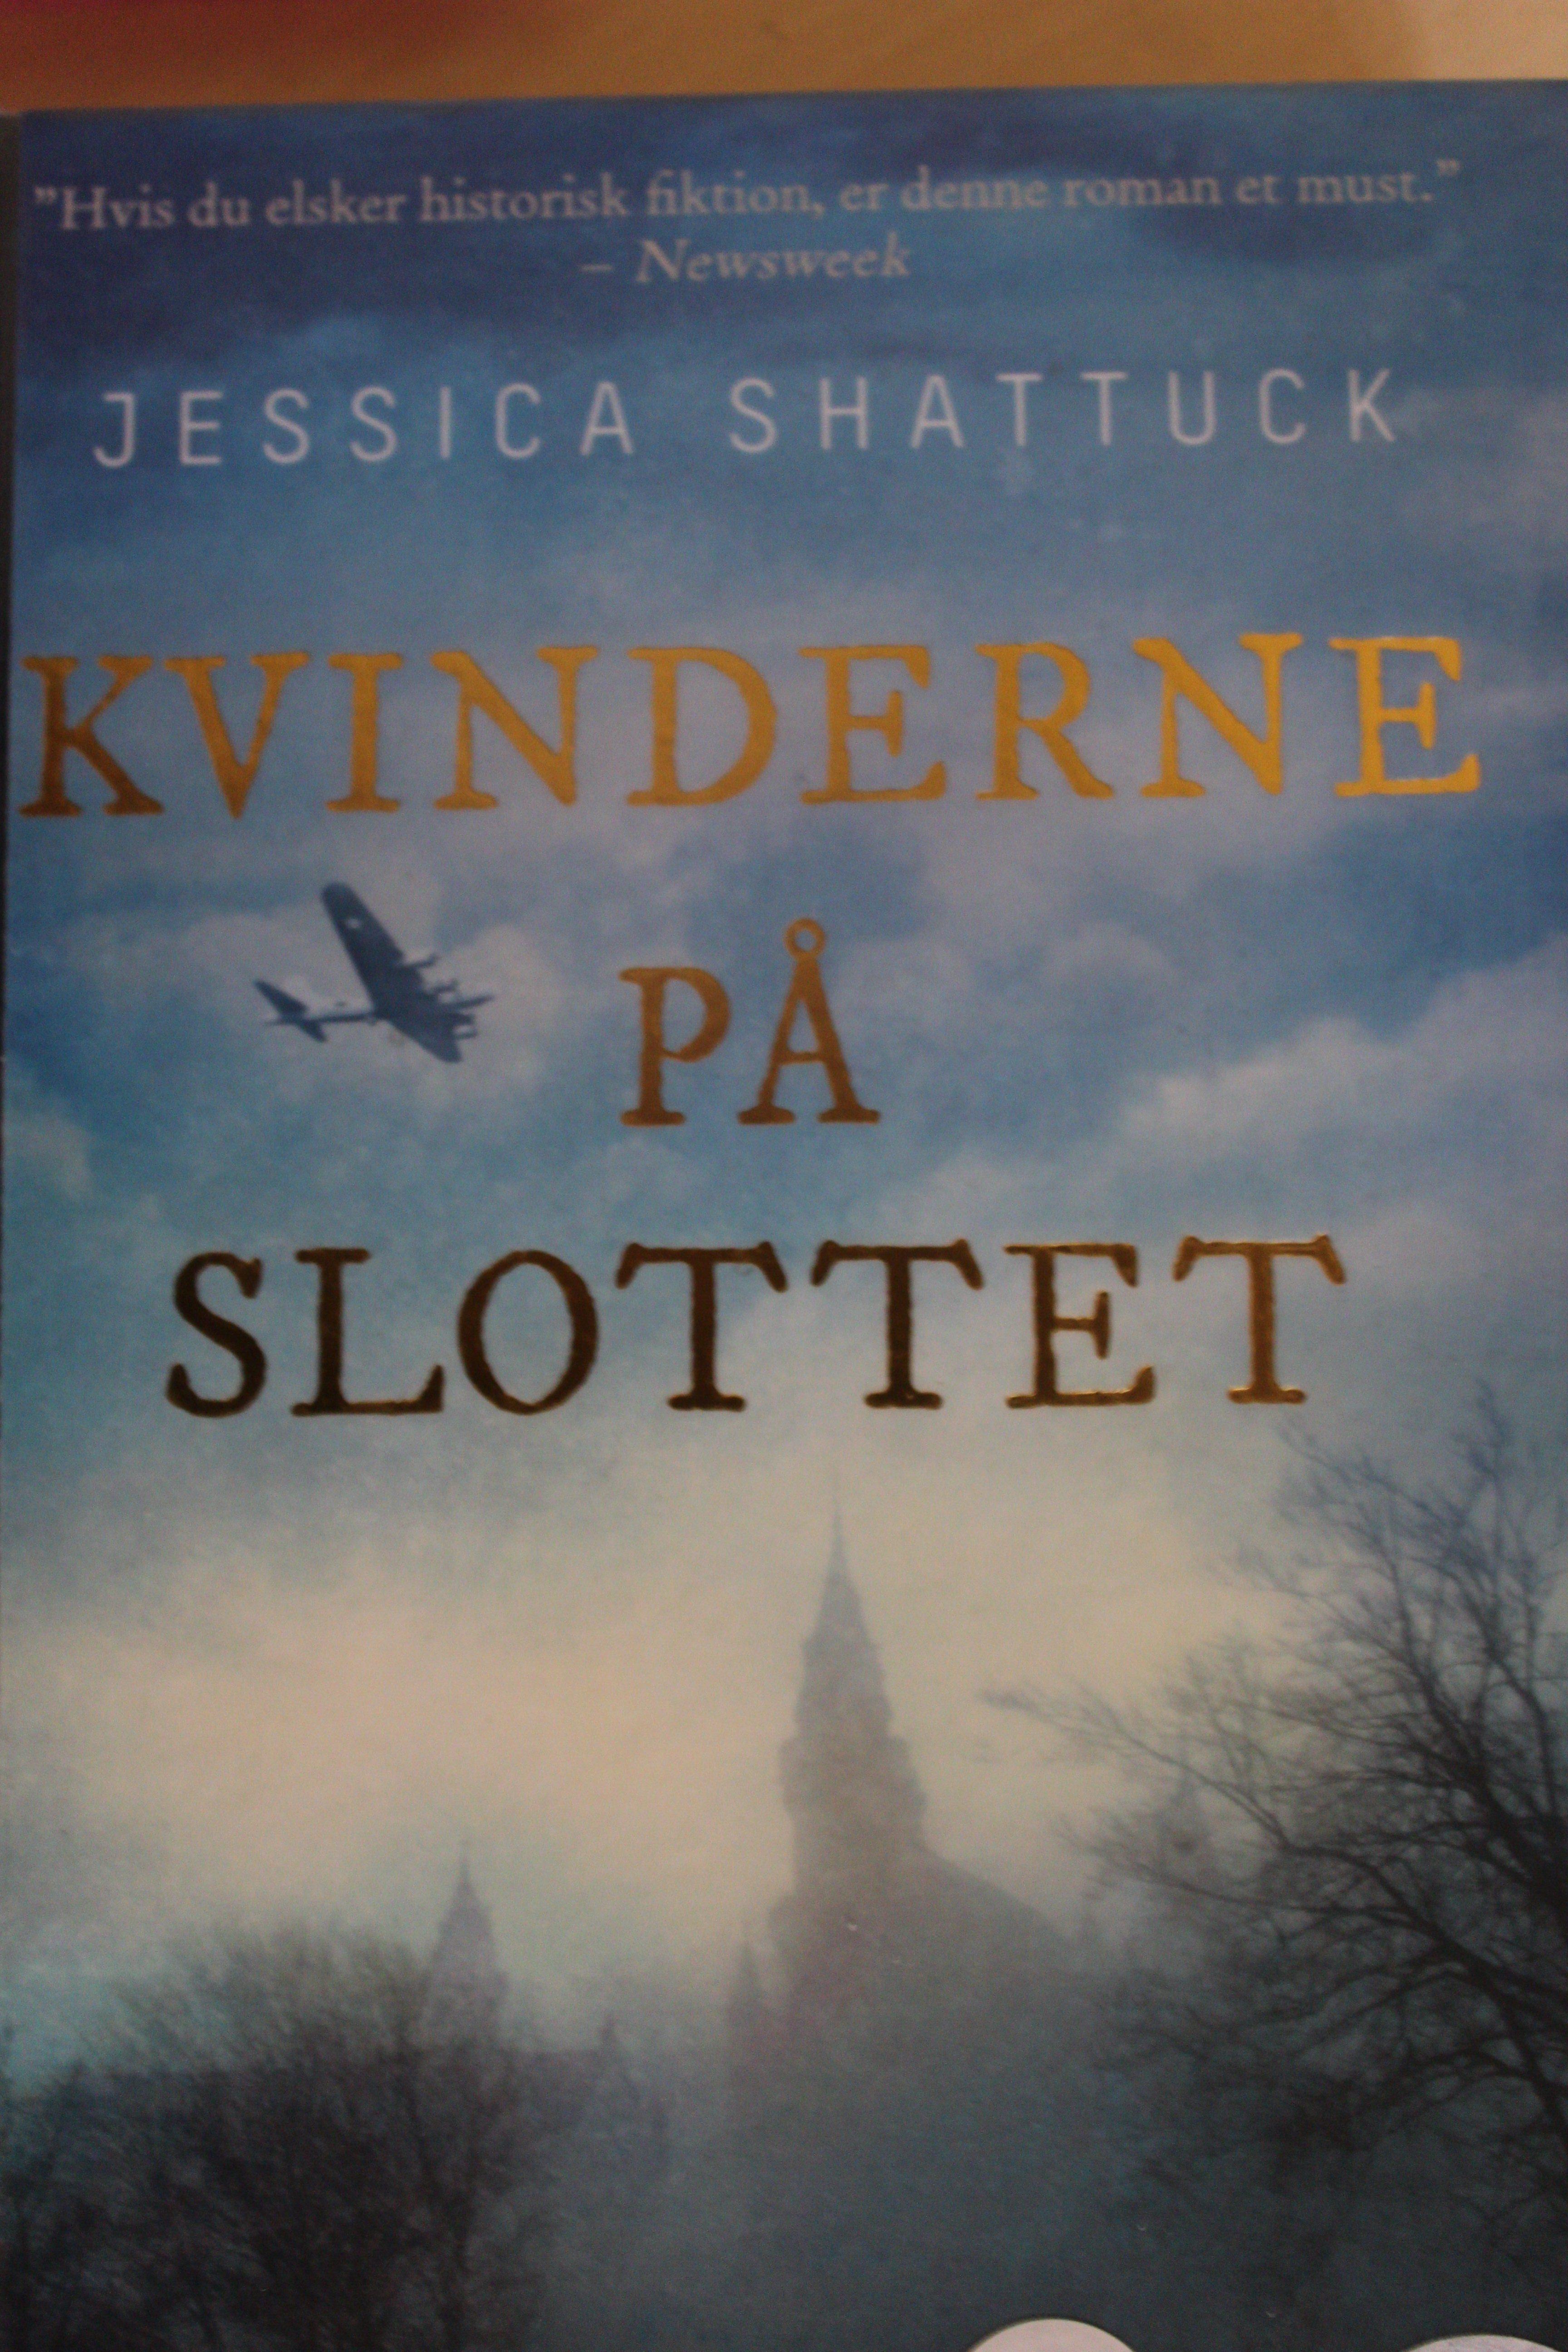 Kvinderne på Slottet forfatter Jessica Shattuck